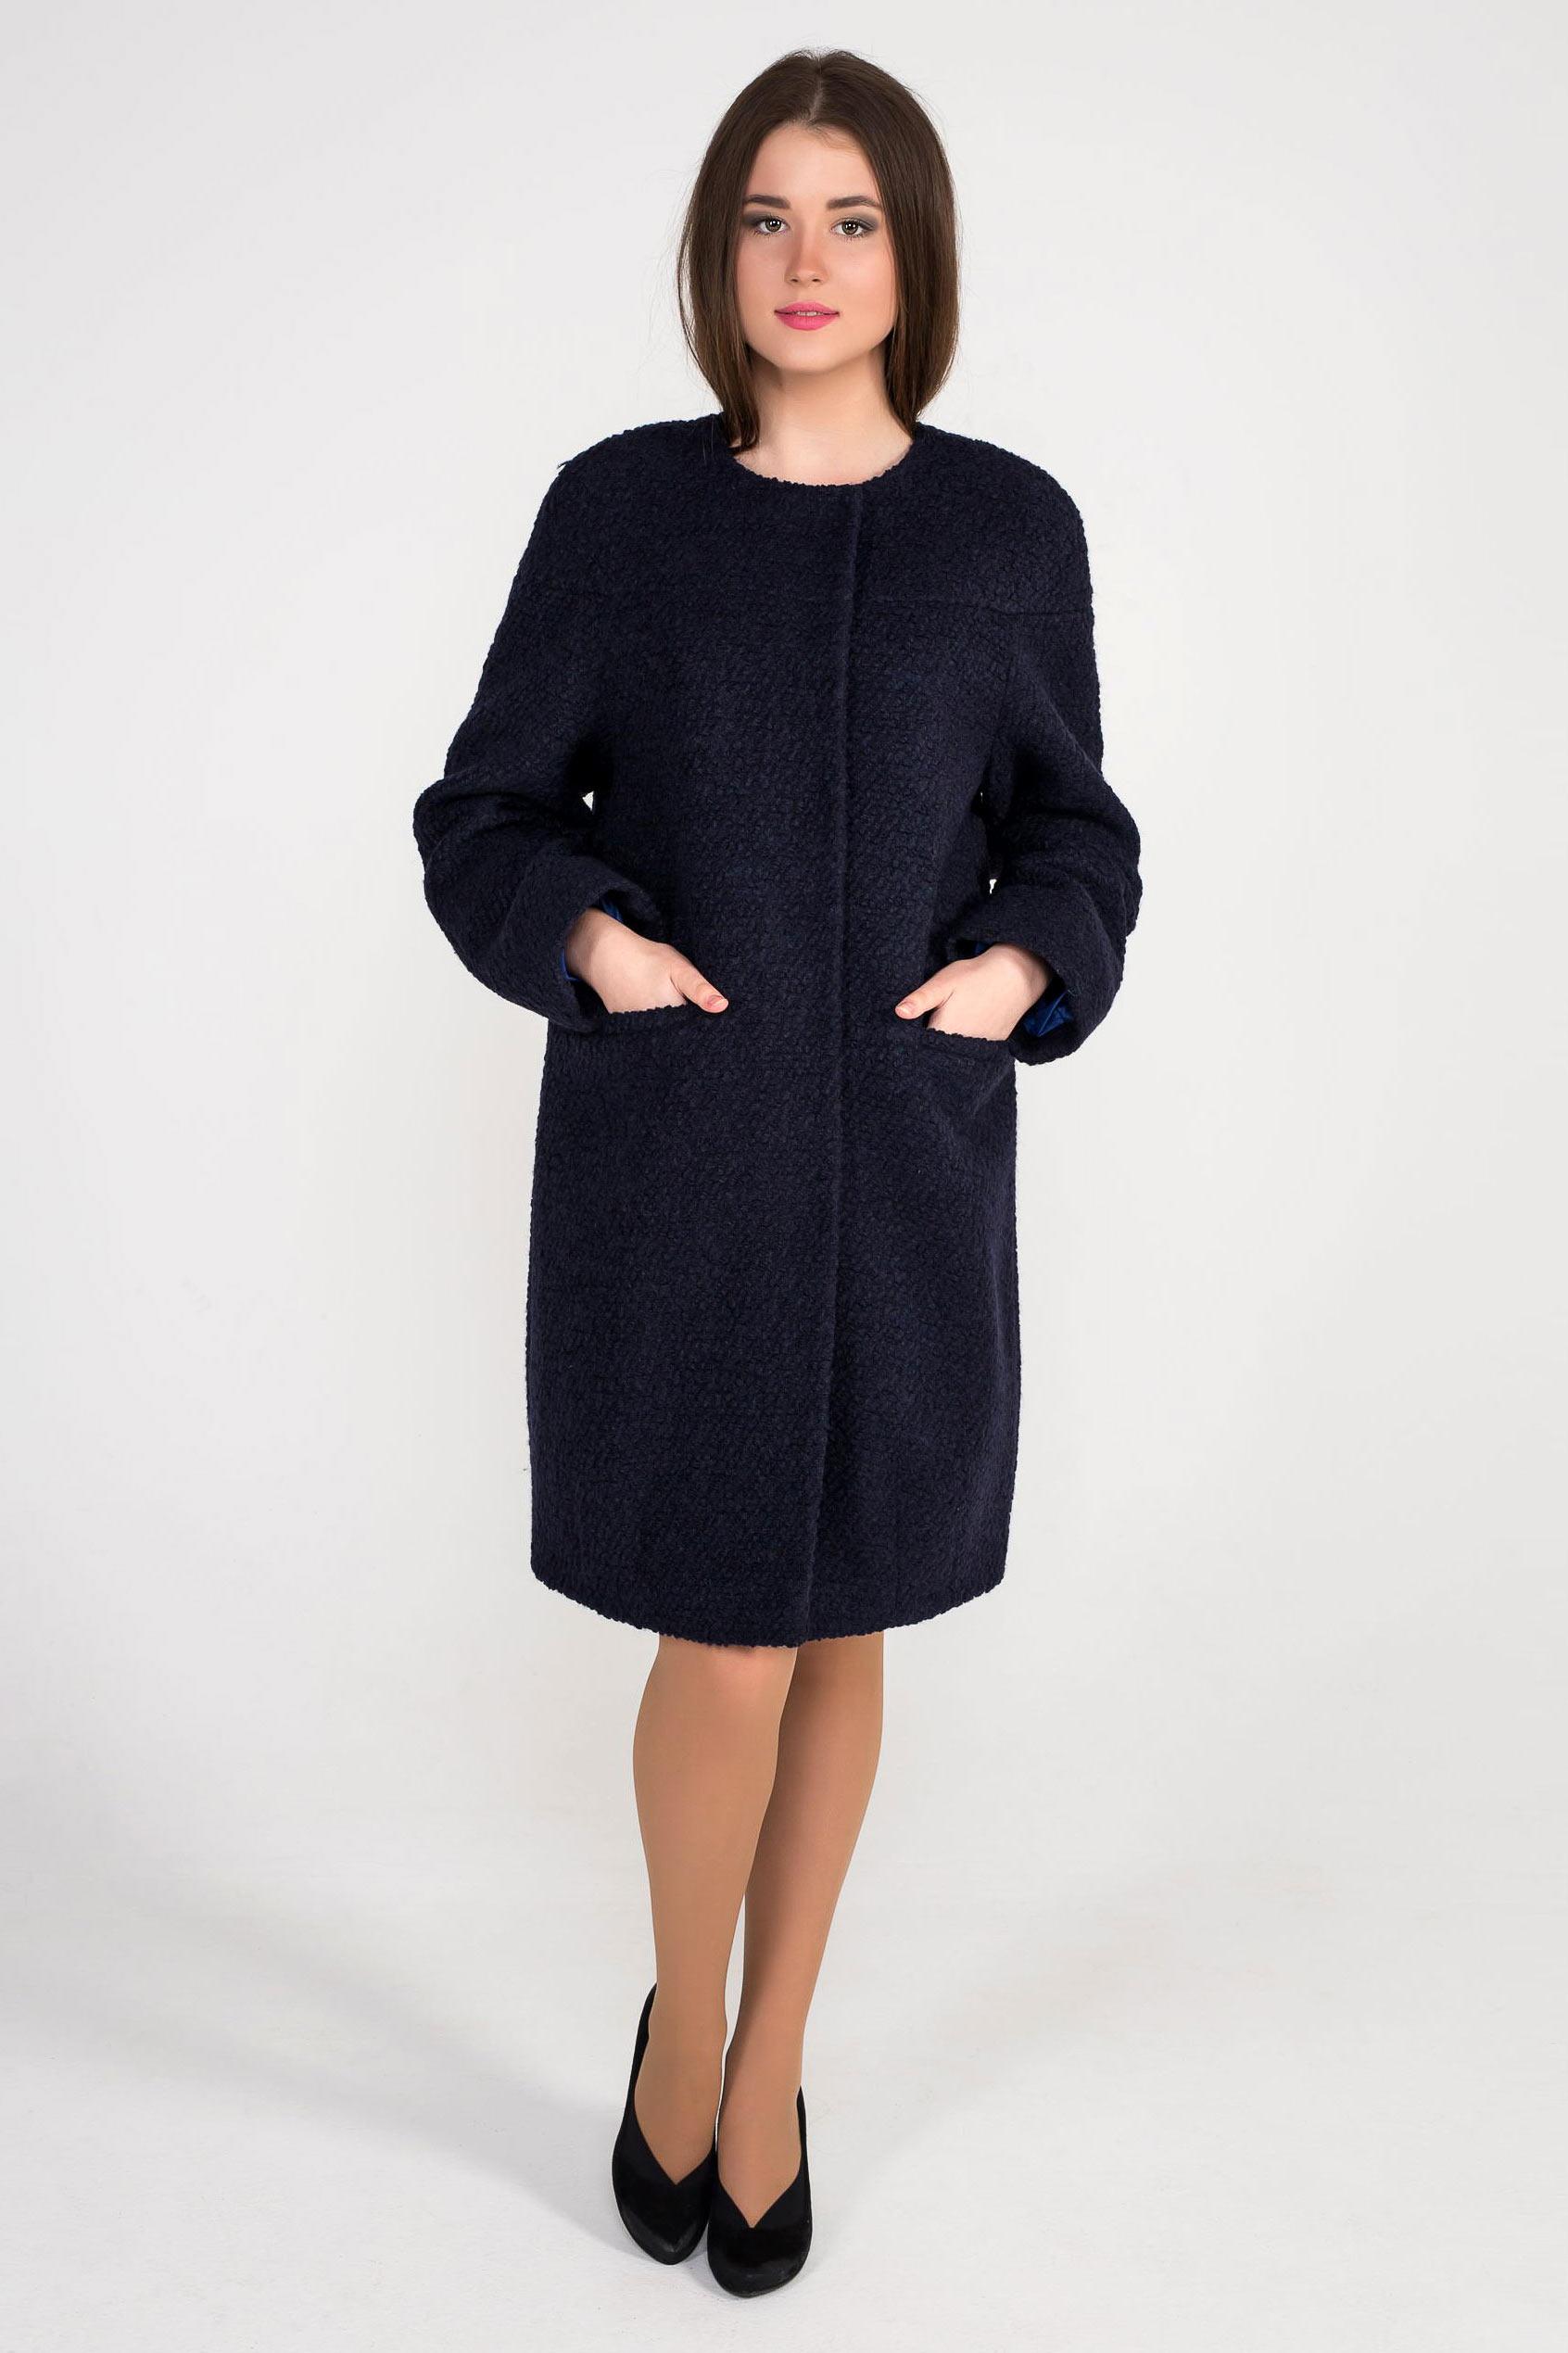 b6e9da1aaba Купить женское демисезонное пальто - артикул 148 navy 2